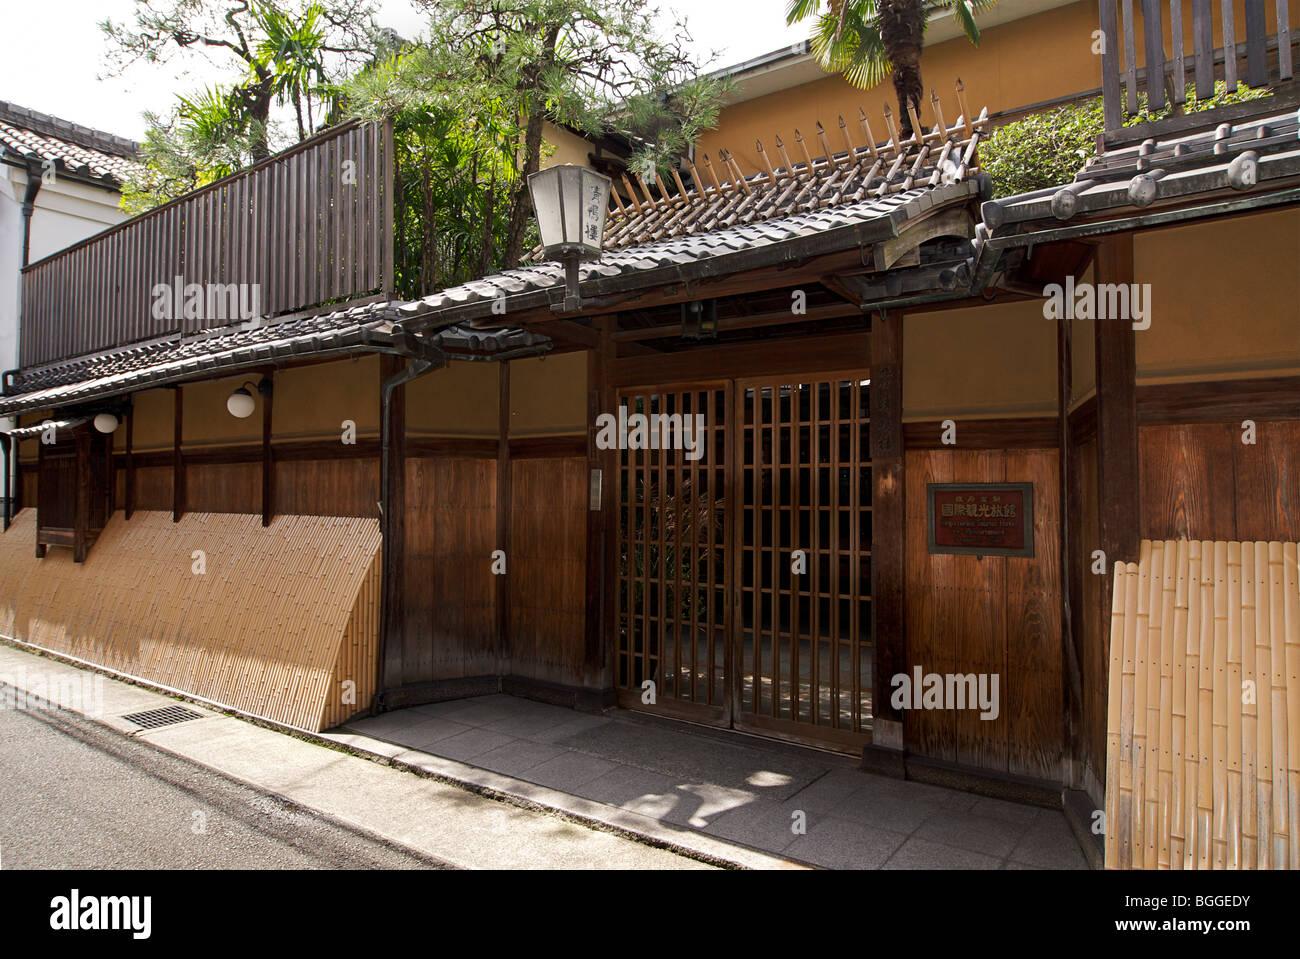 Seikoro Inn. Japanese ryokan. Kyoto, Japan - Stock Image